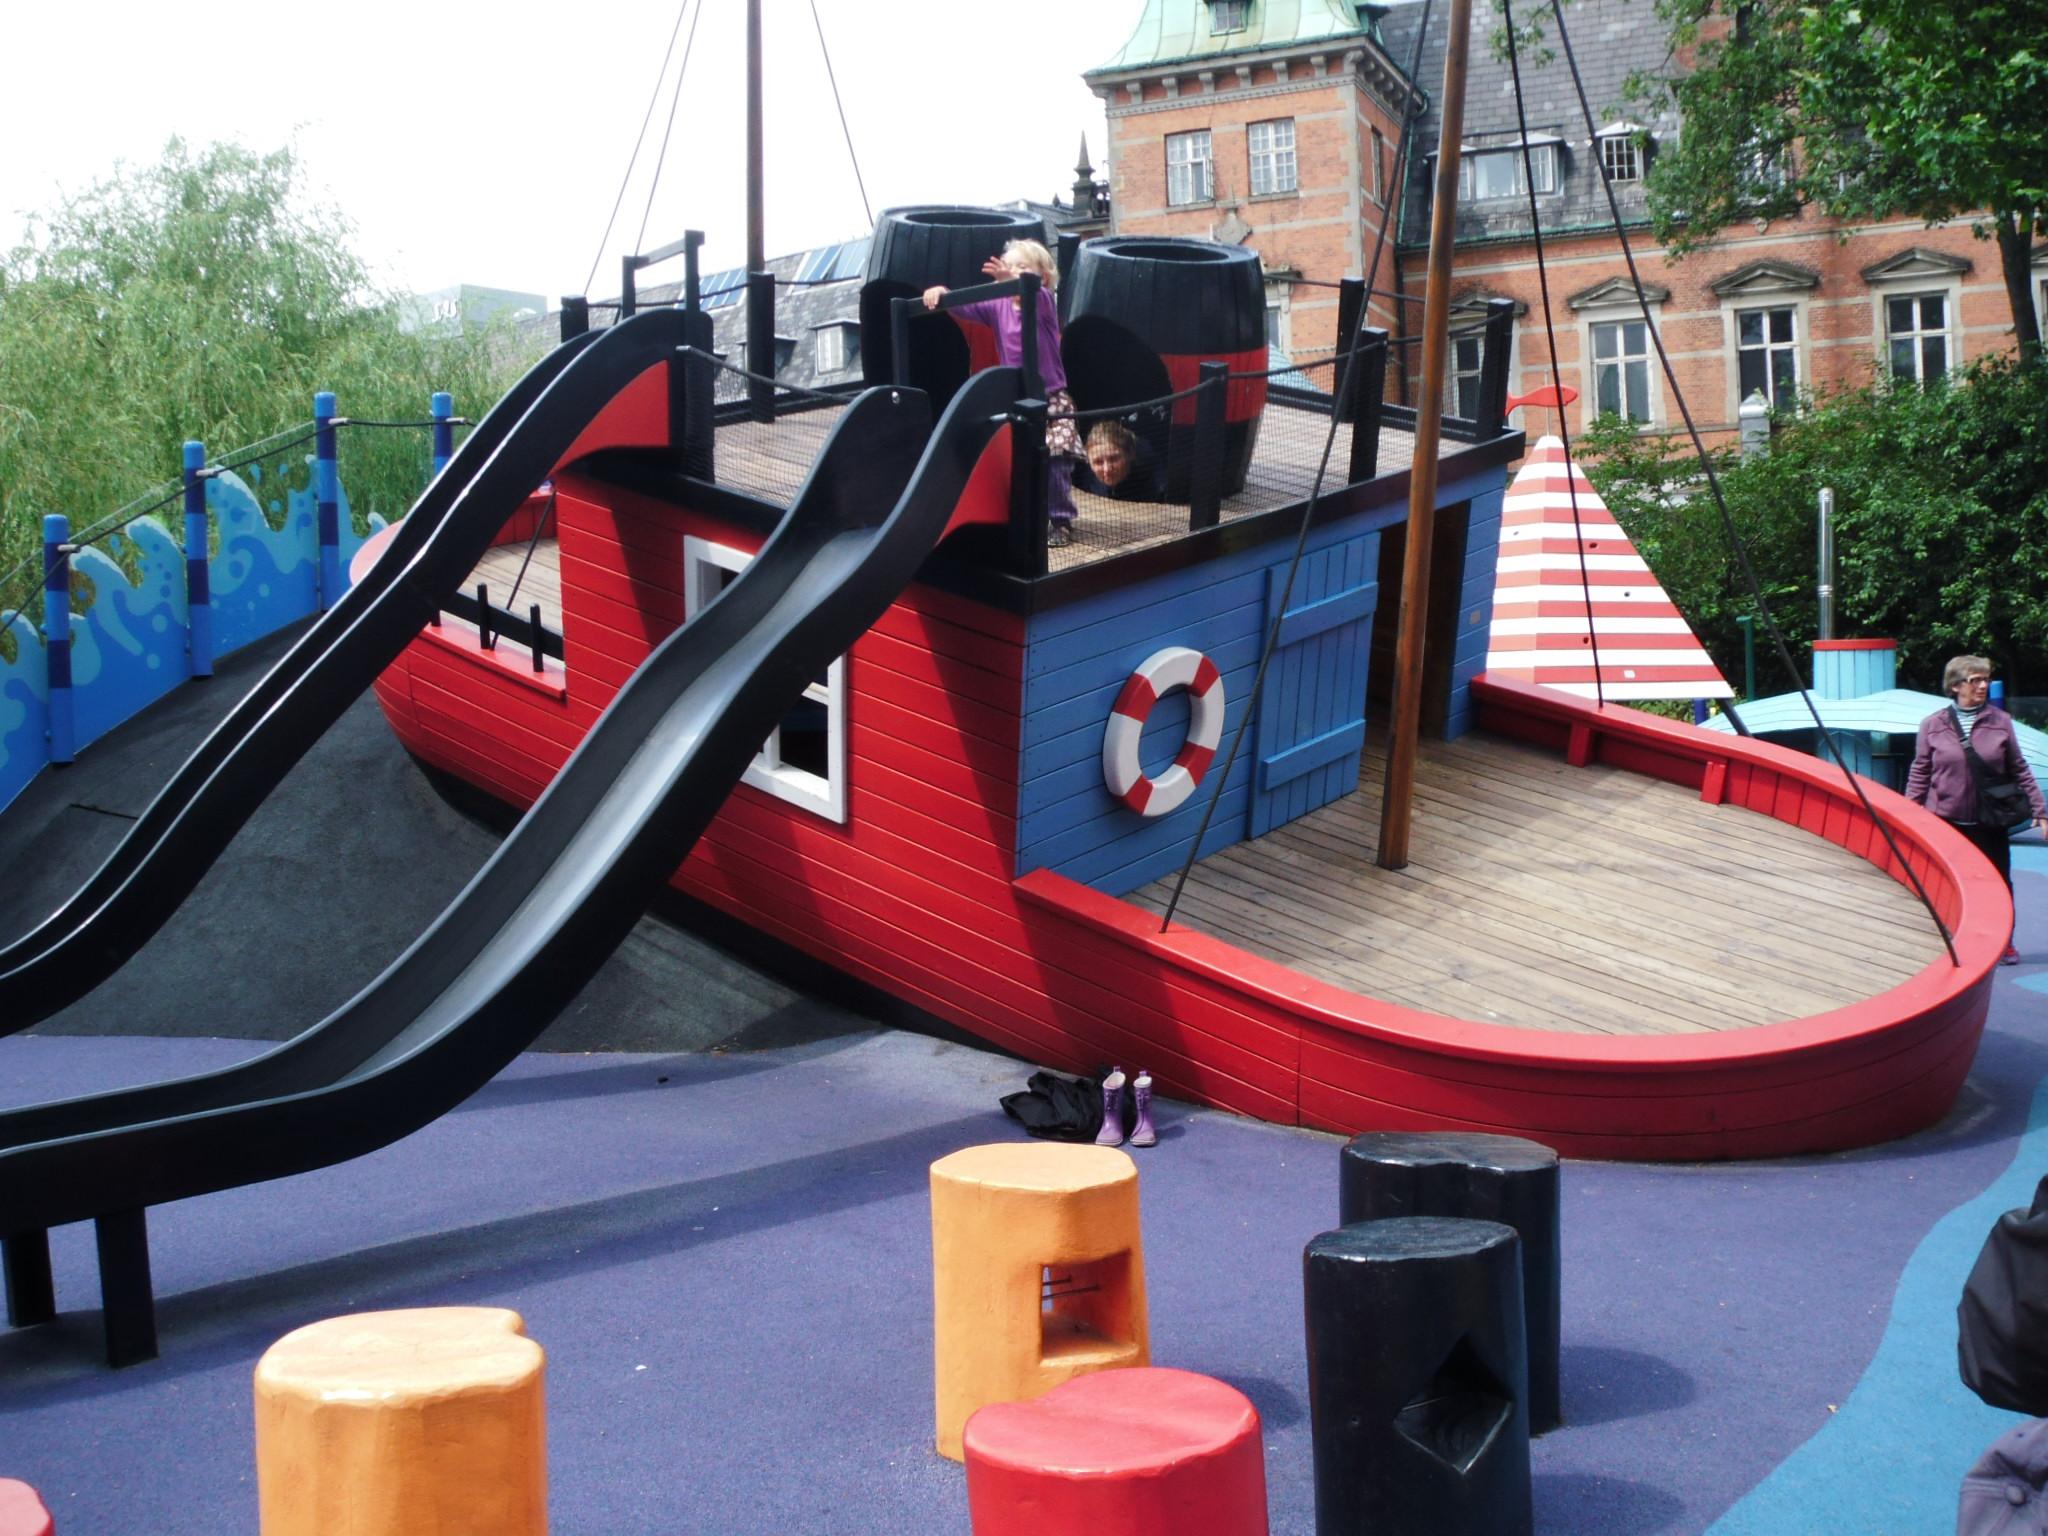 Colori ed emozioni al Parco Tivoli di Copenaghen